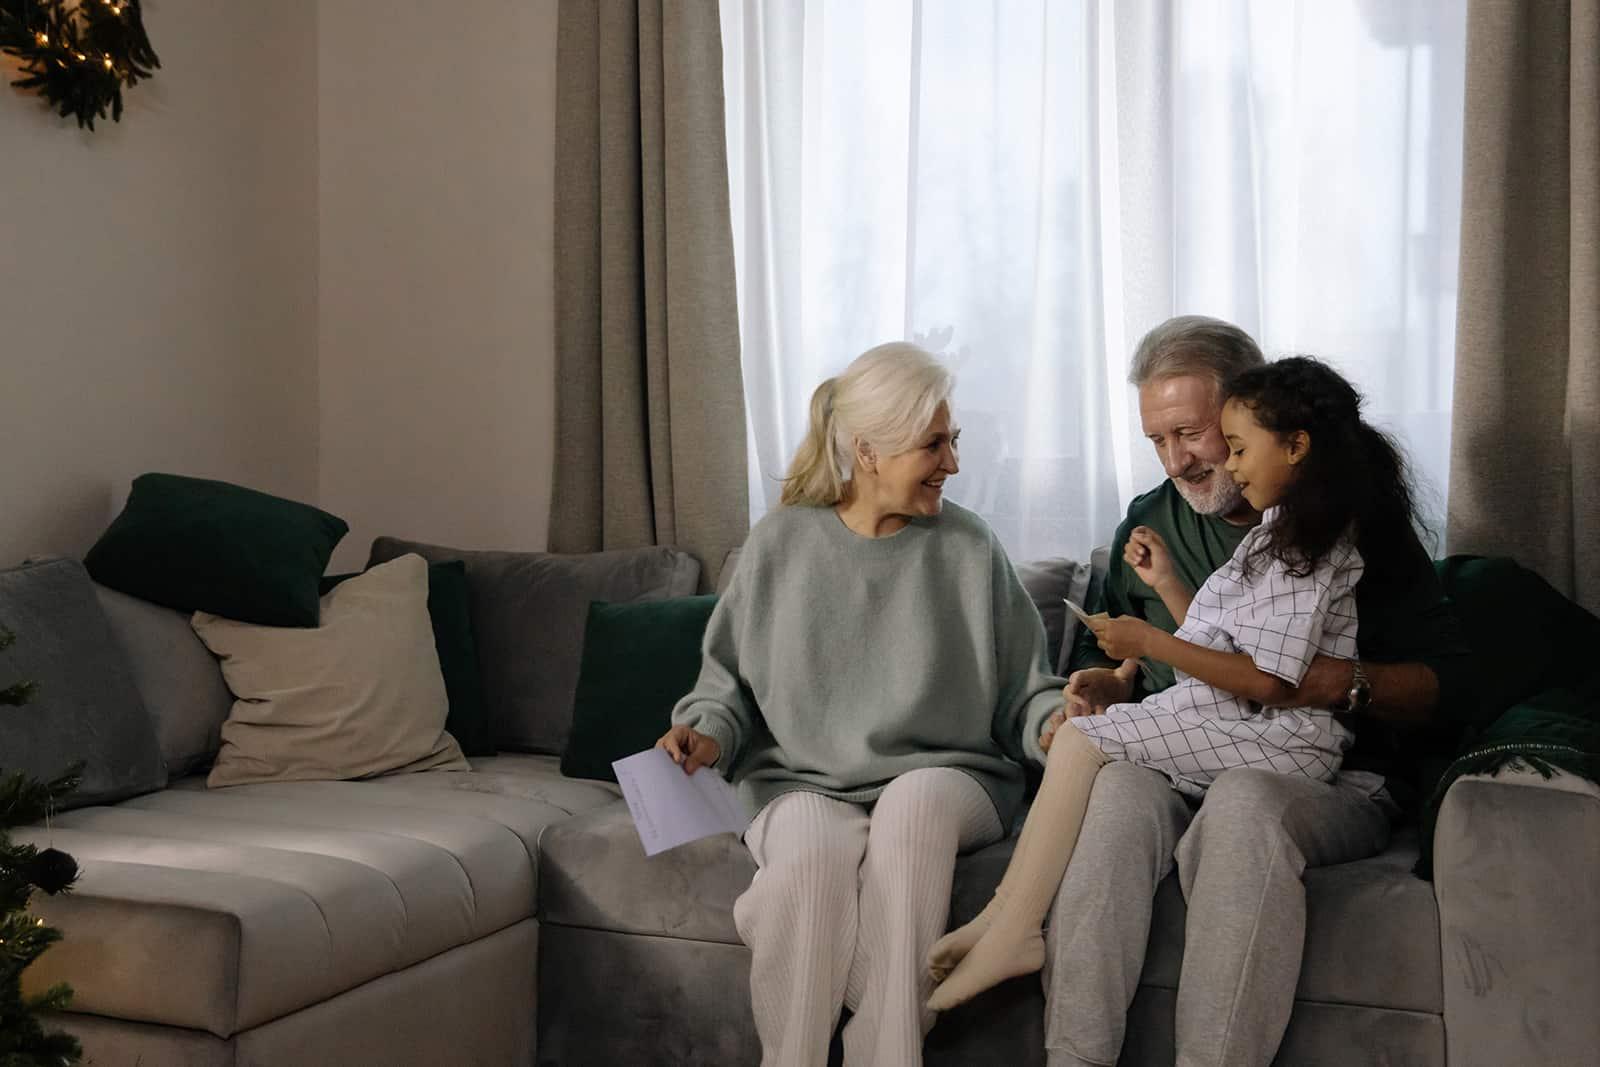 eine Enkelin, die auf dem Schoß ihres Großvaters sitzt und ihm und einer Oma einen Brief vorliest